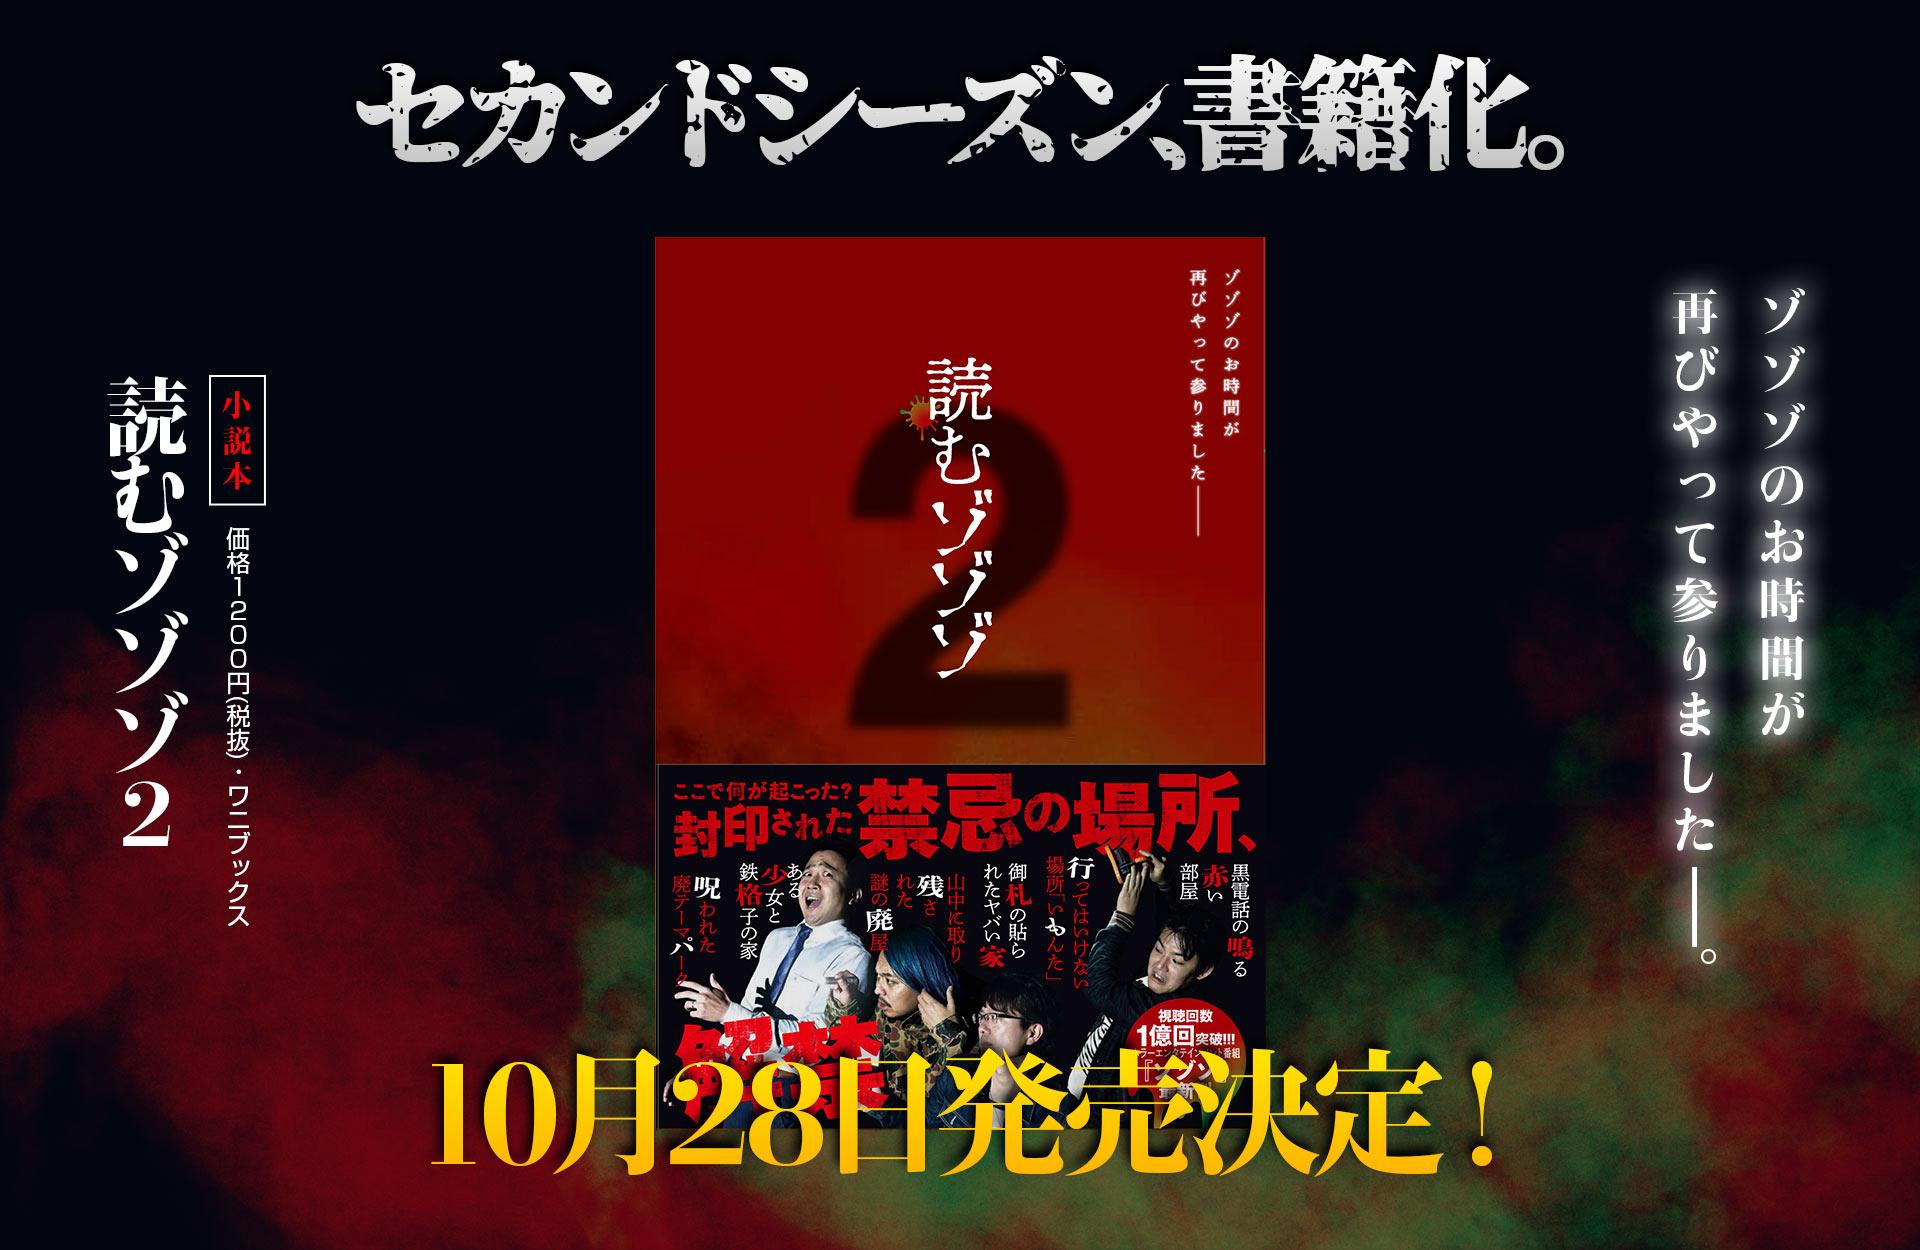 【第2弾】ゾゾゾの読むお時間が再び!ファン待望の新刊「読むゾゾゾ2」が大ボリュームで10月28日に発売決定!!